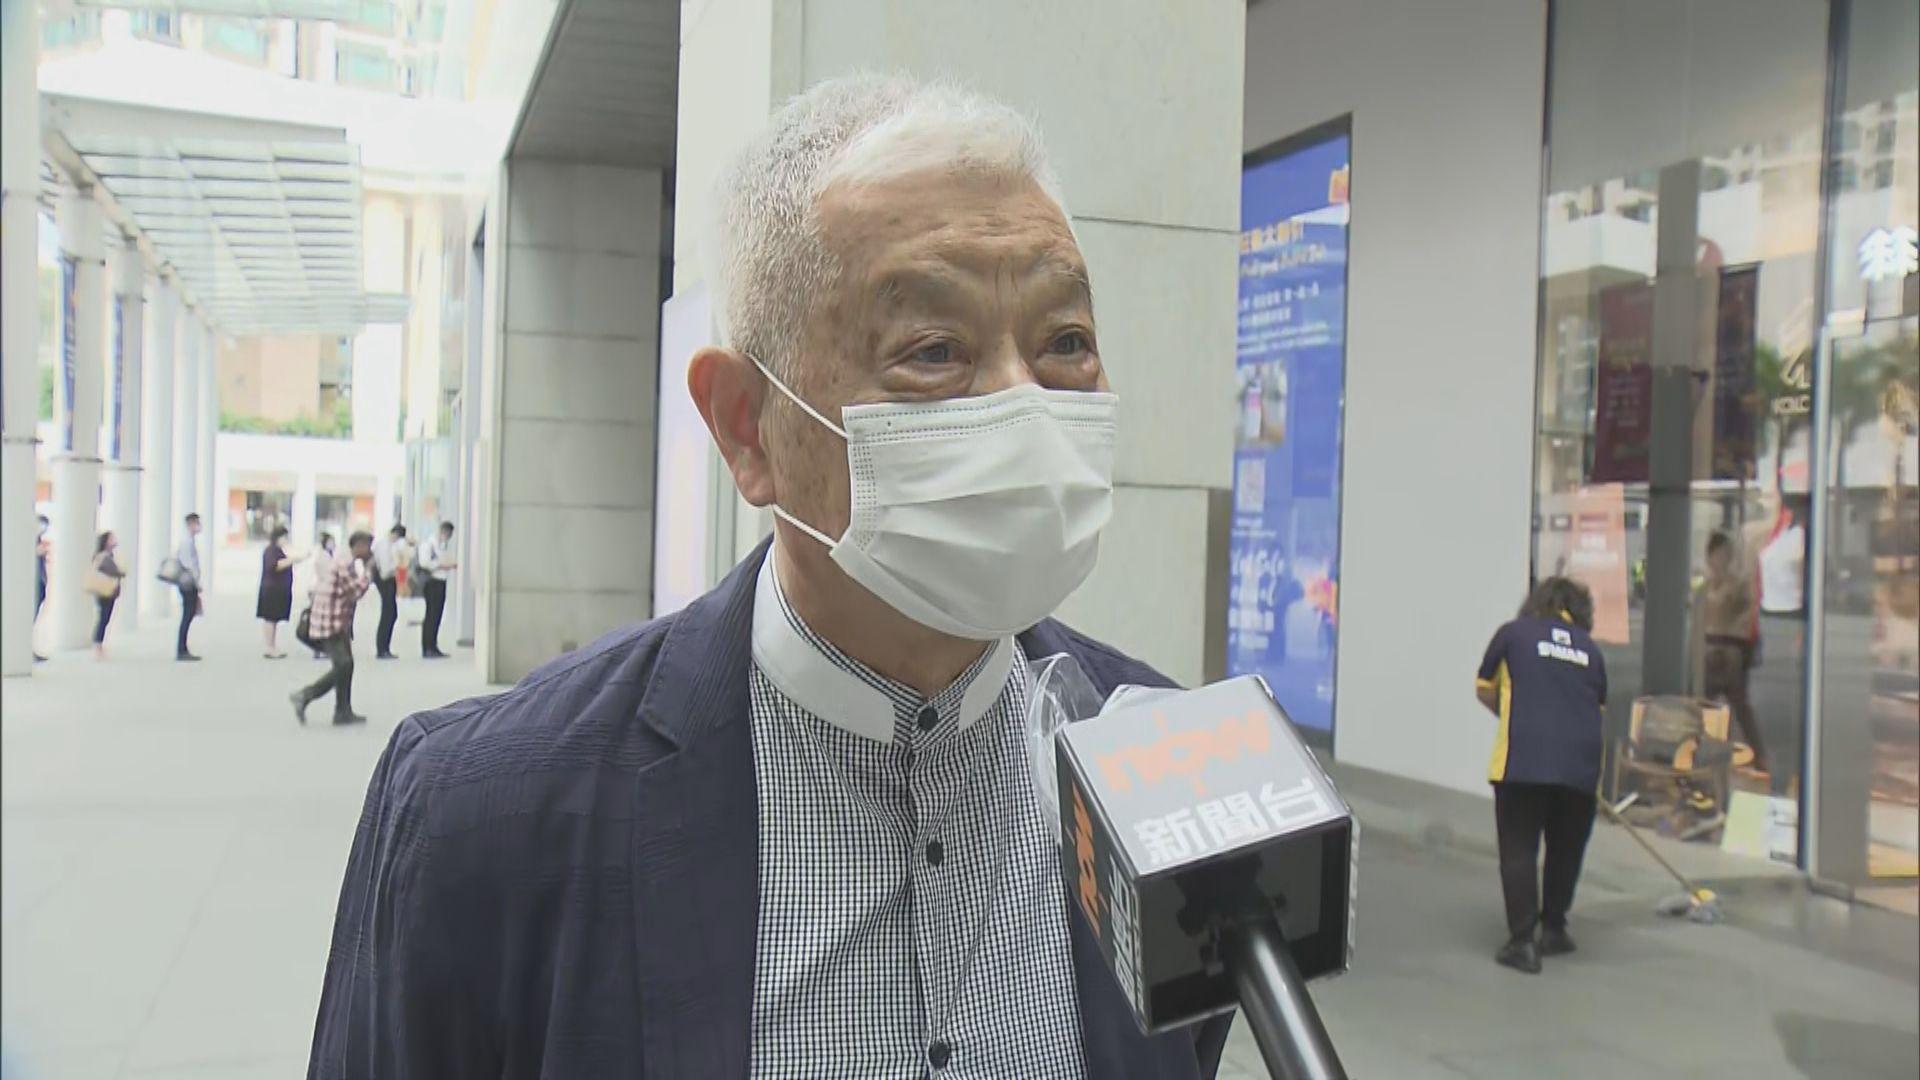 上月11日曾訪東薈城須強檢 居民指難以回想上月行程